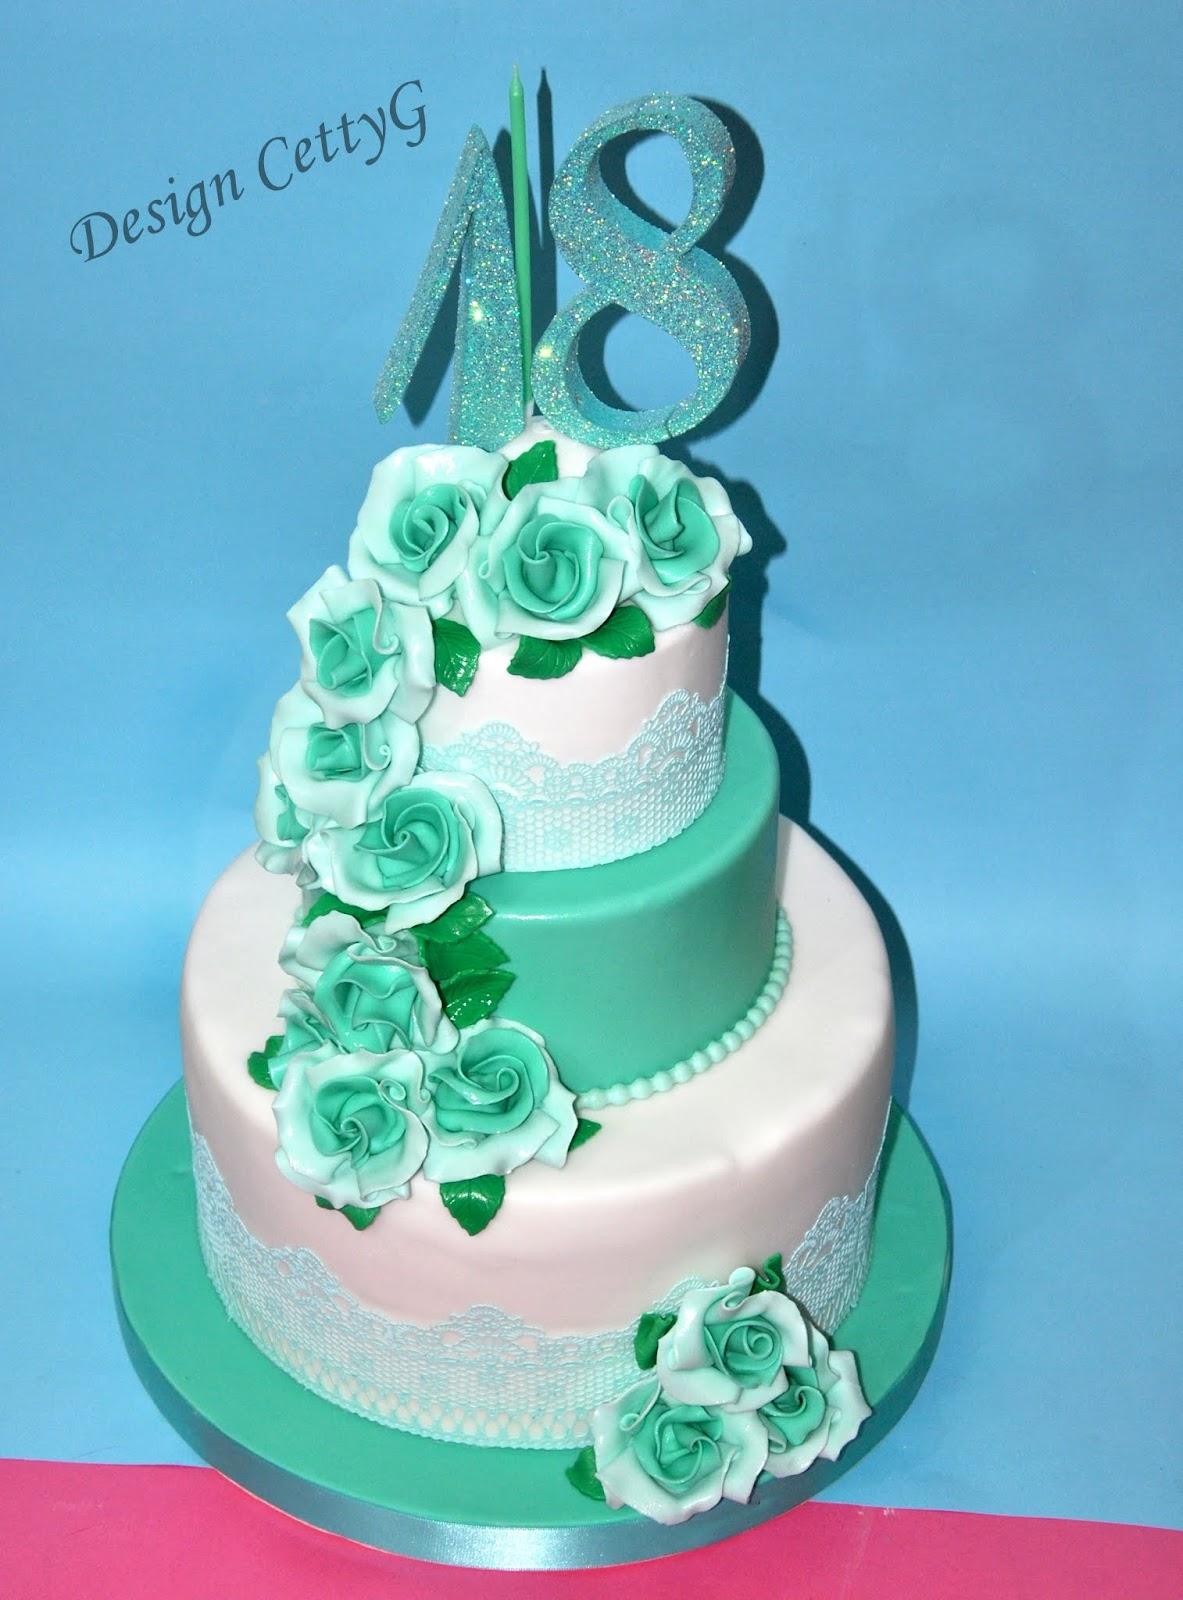 Le torte decorate di cettyg 18 compleanno color tiffany for Torte di compleanno particolari per uomo